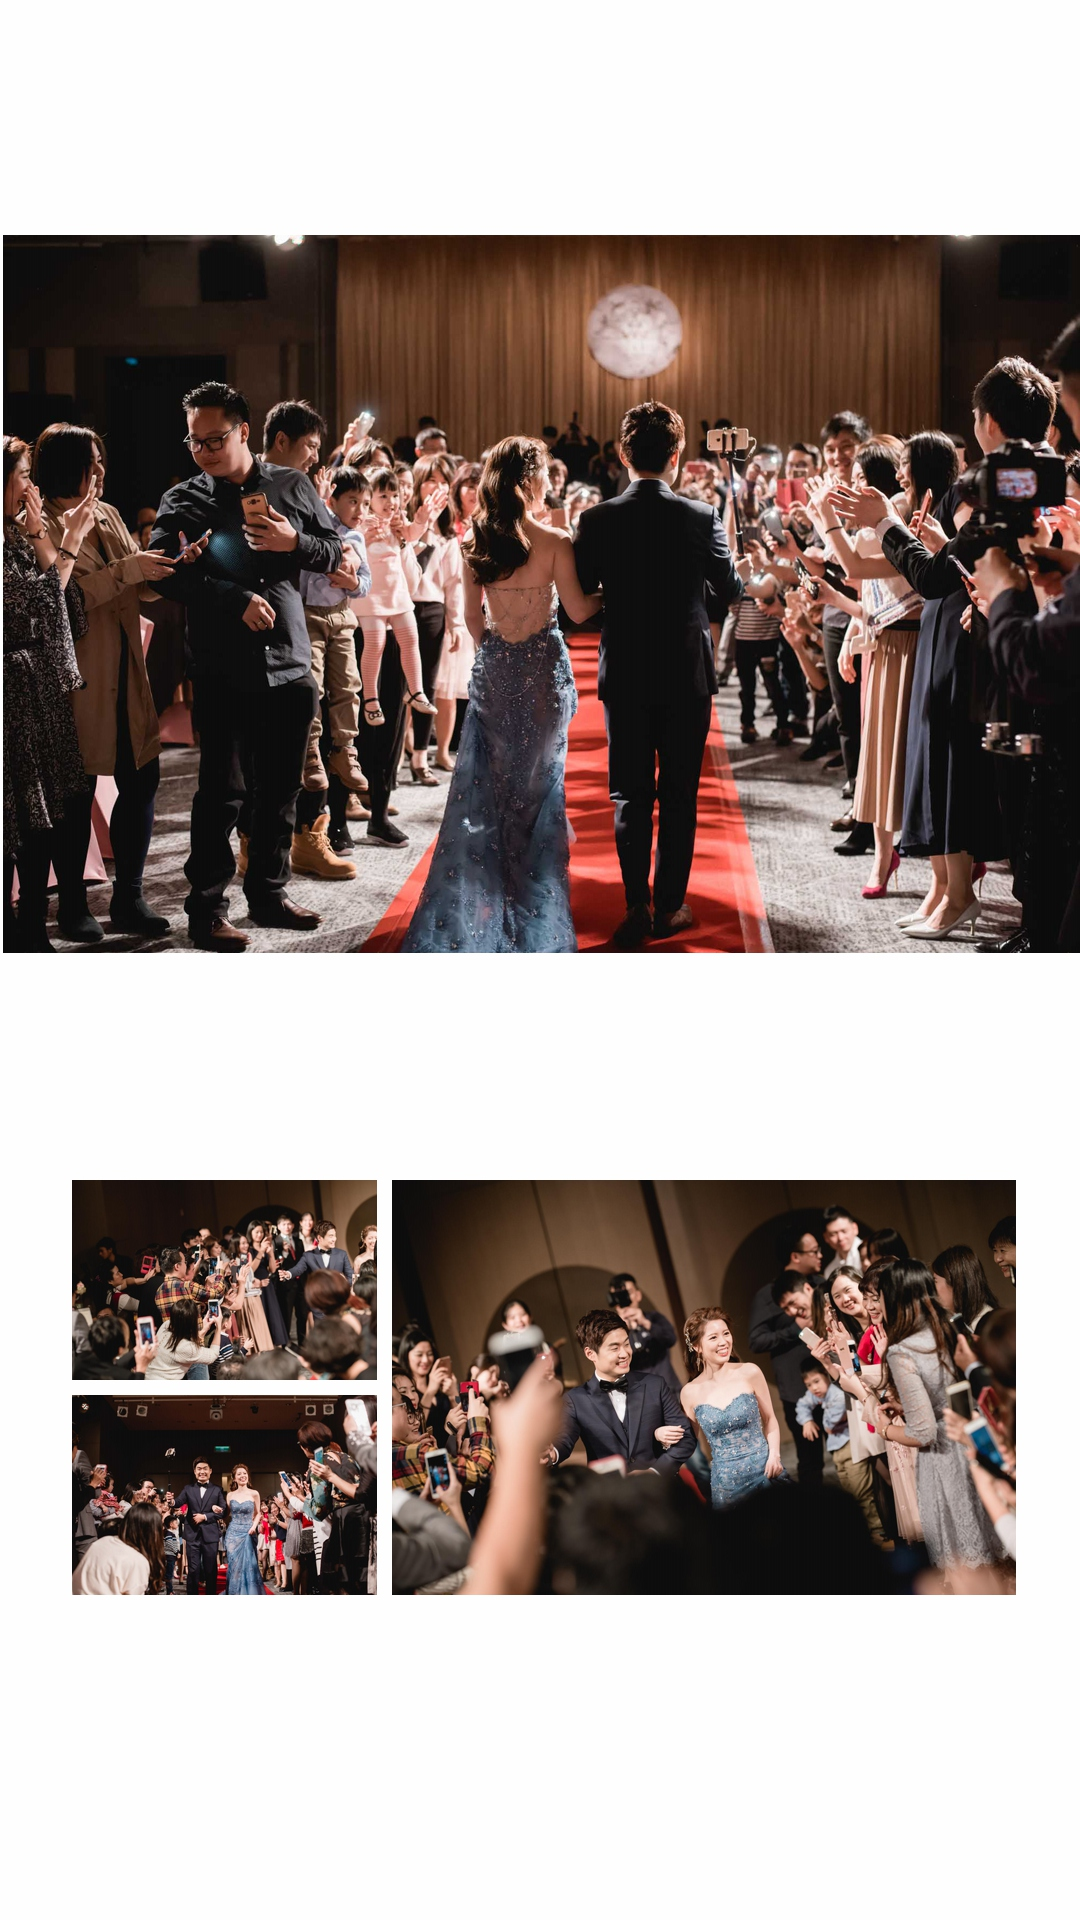 婚攝,寒舍艾美,台北婚攝,婚攝推薦,跳舞進場